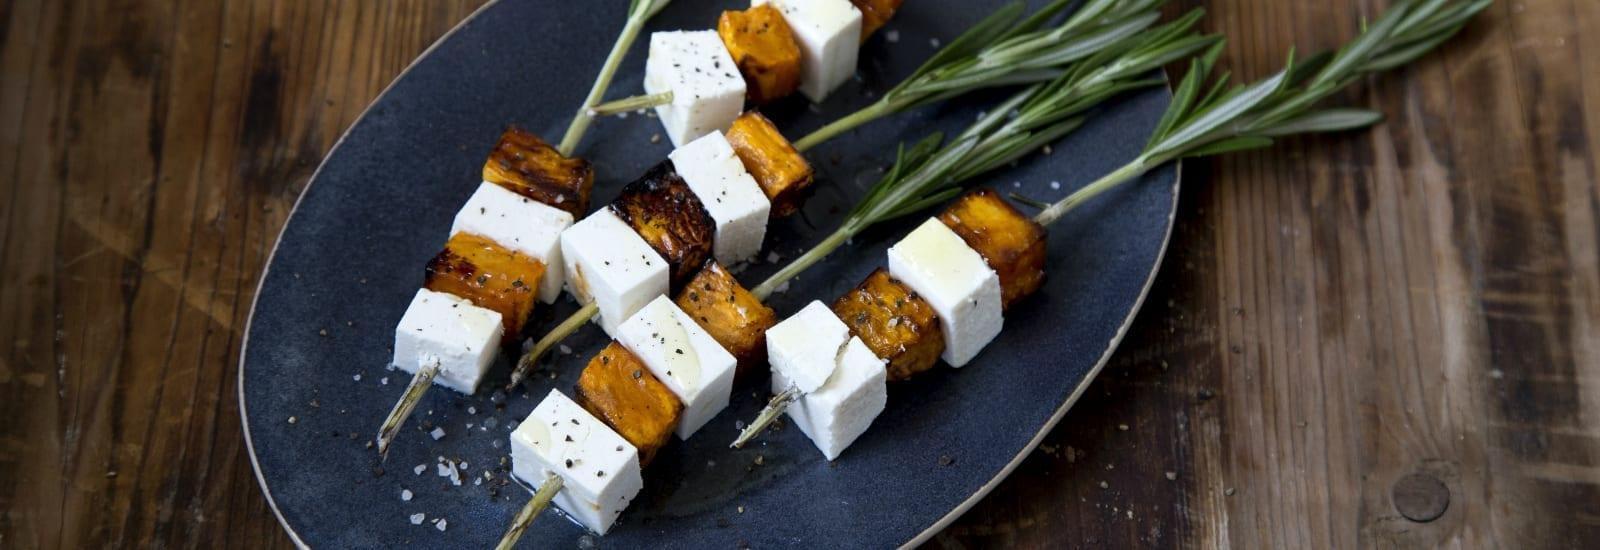 גבינת פטה עם בטטה 1